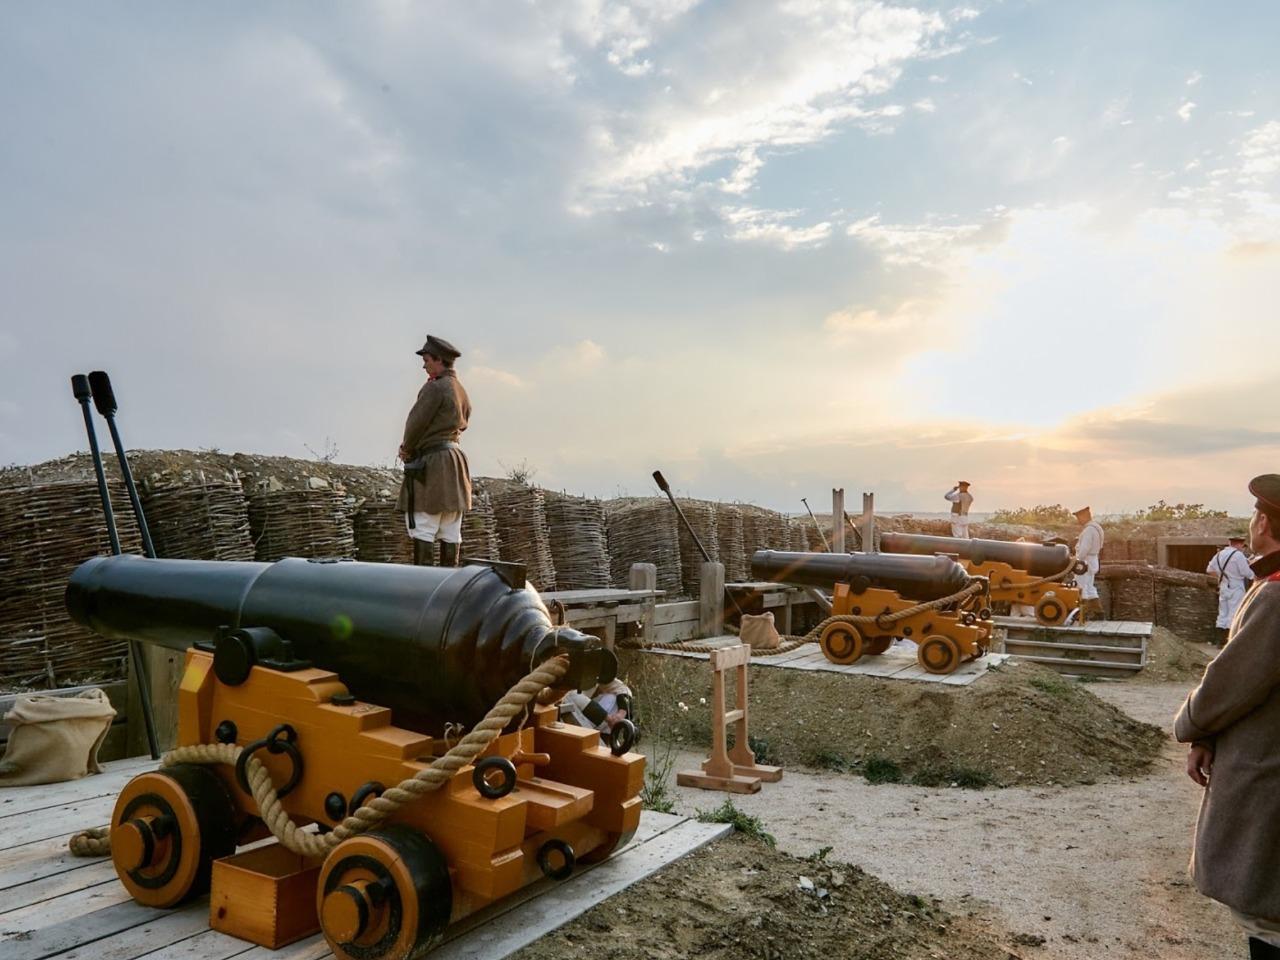 Крымская война: противостояние - групповая экскурсия в Севастополе от опытного гида